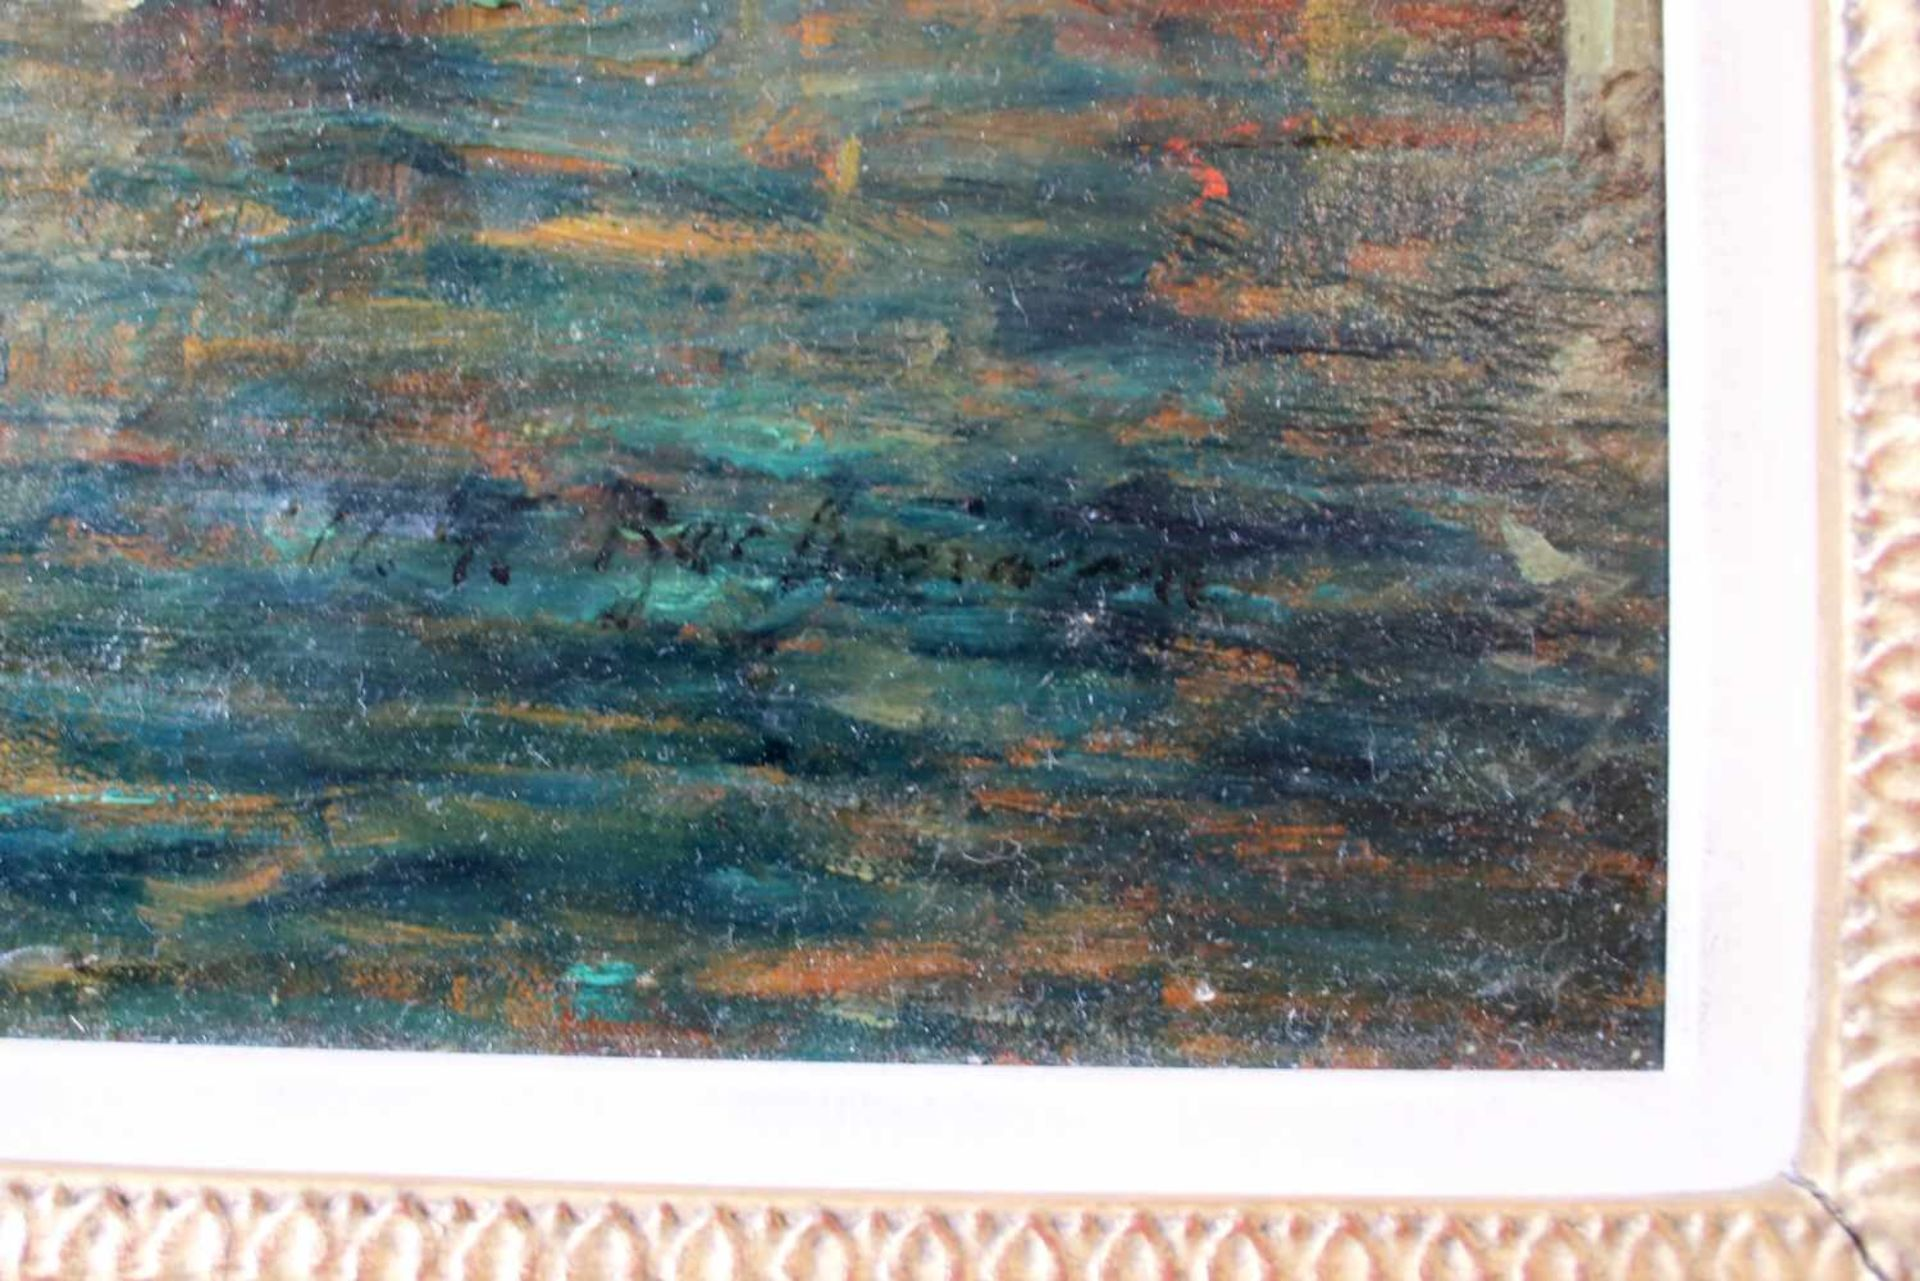 Alfred August Felix Bachmann (1863 - 1956) Blick auf Venedig Öl auf Leinwand Signiert 51 x 74 cm - Bild 2 aus 2